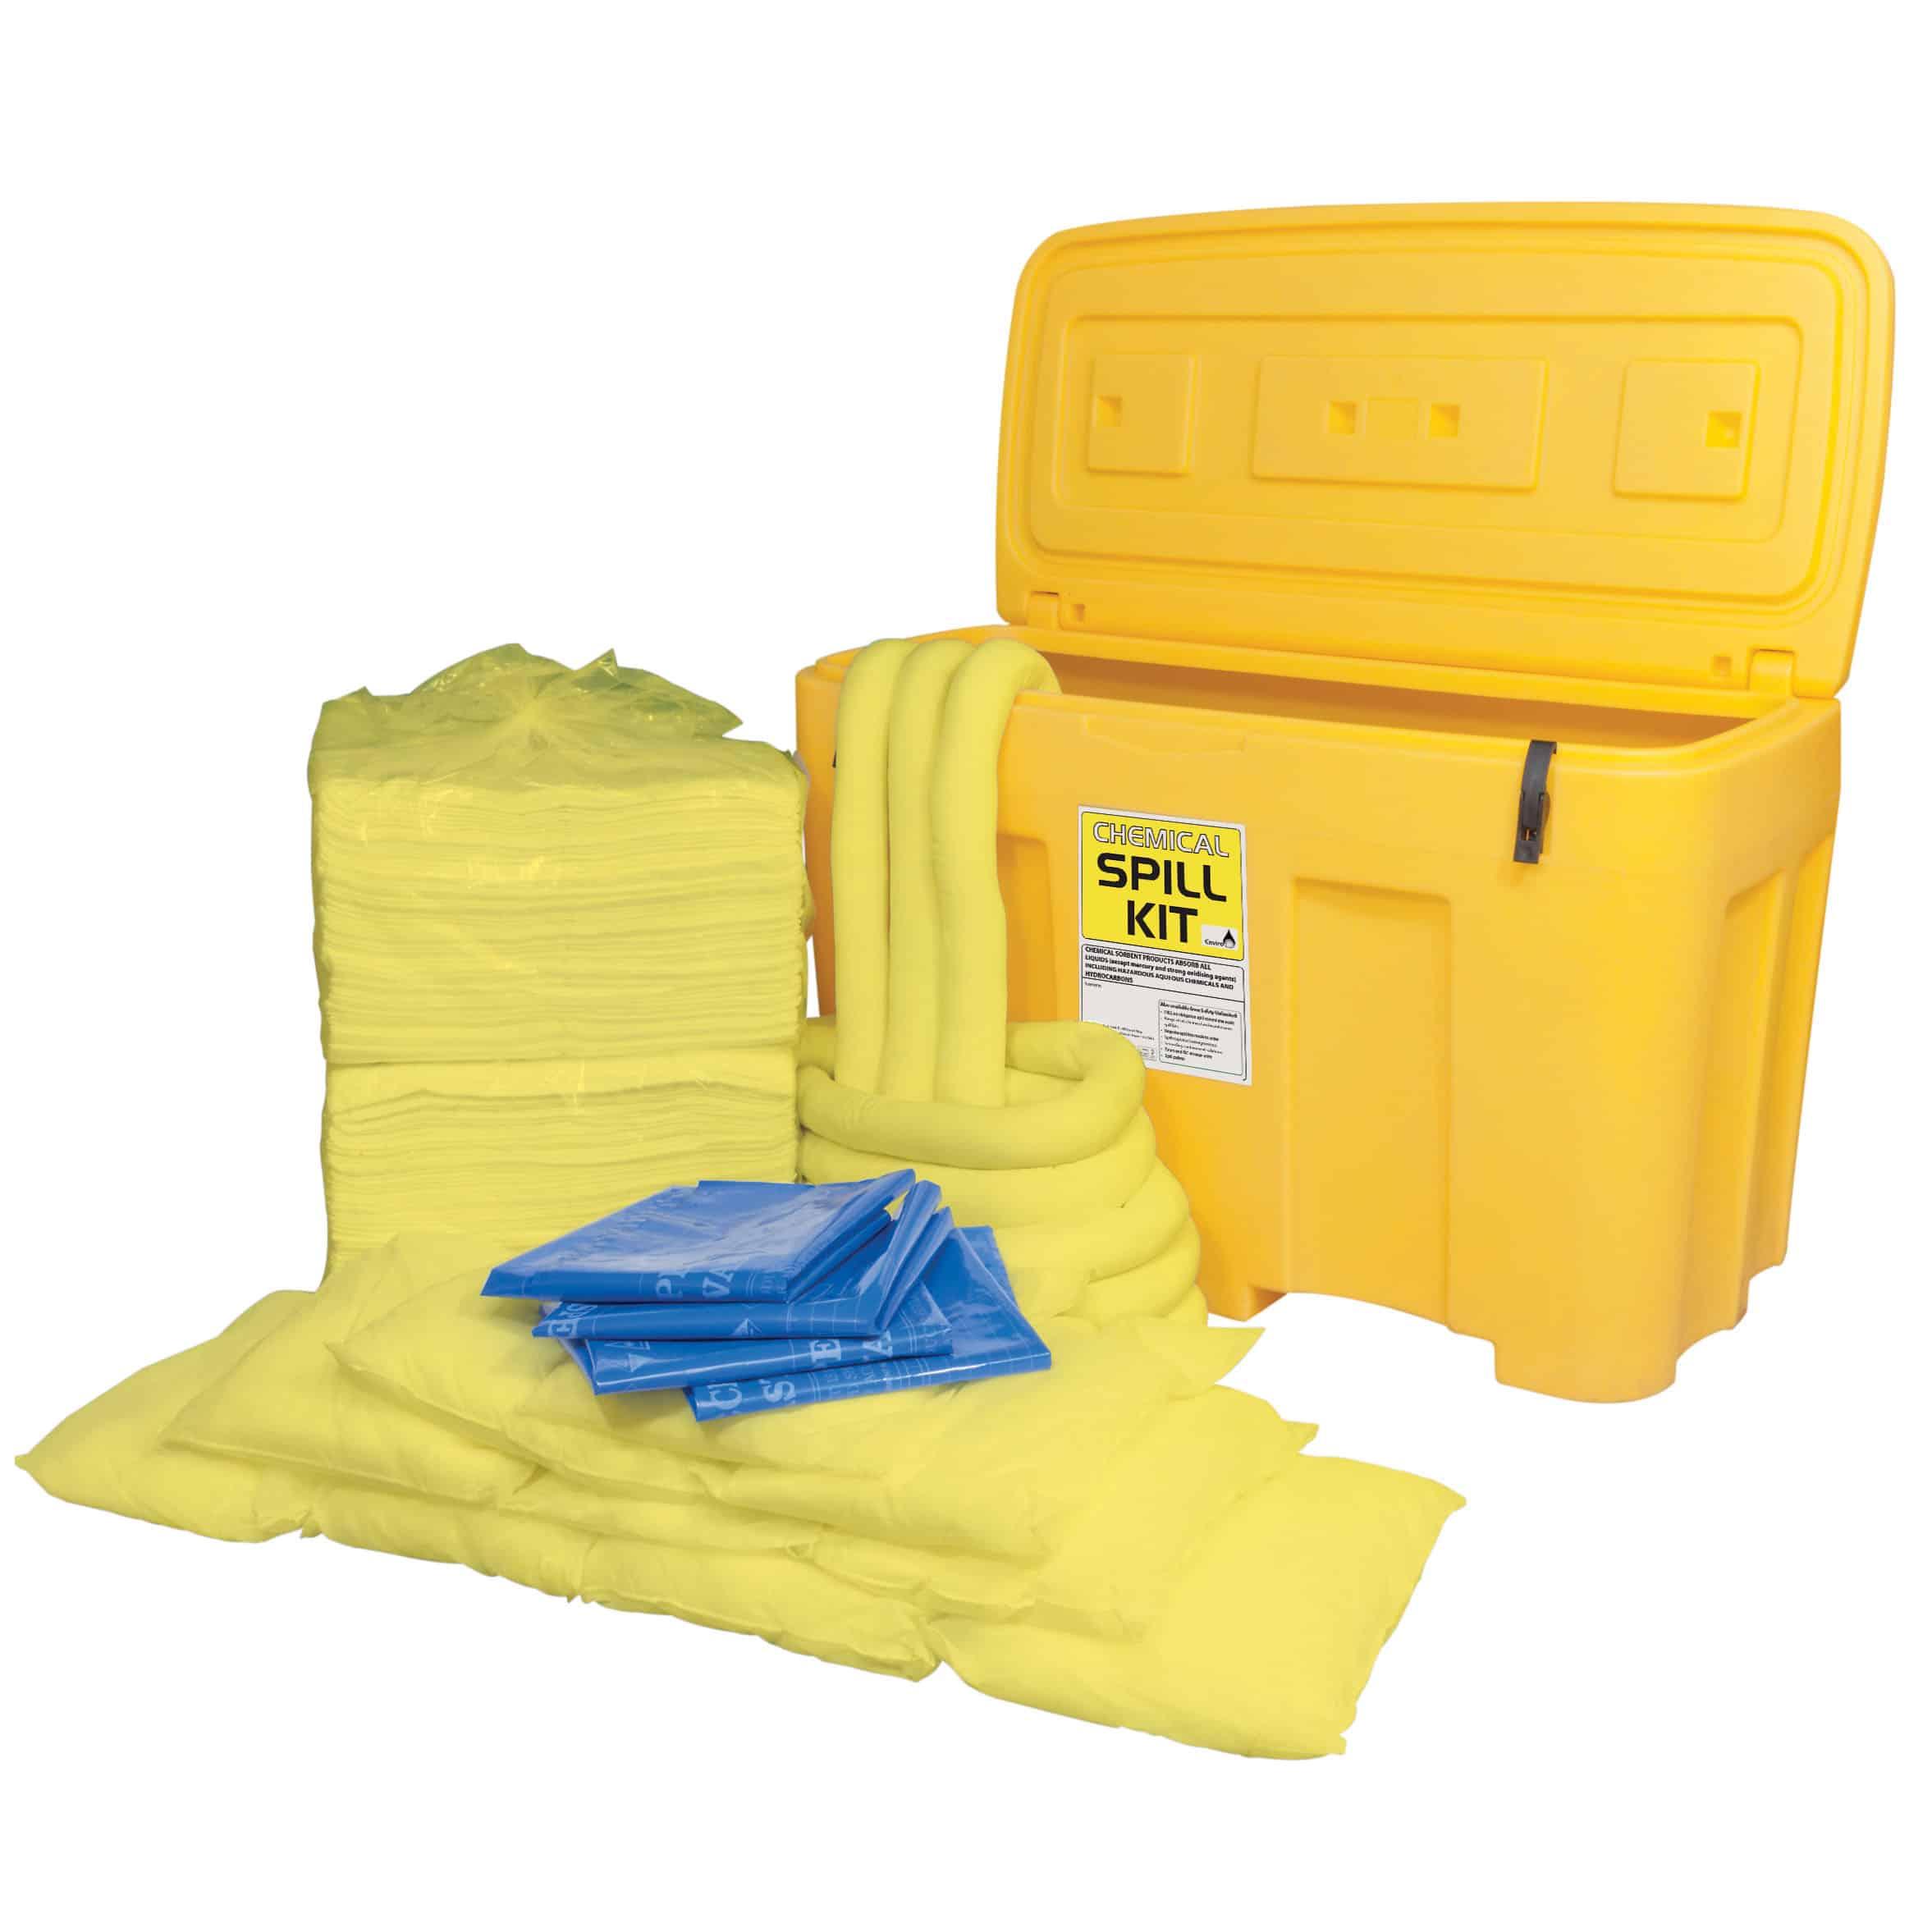 Envirospill 300 Litre Static Bunker Spill Response Kits